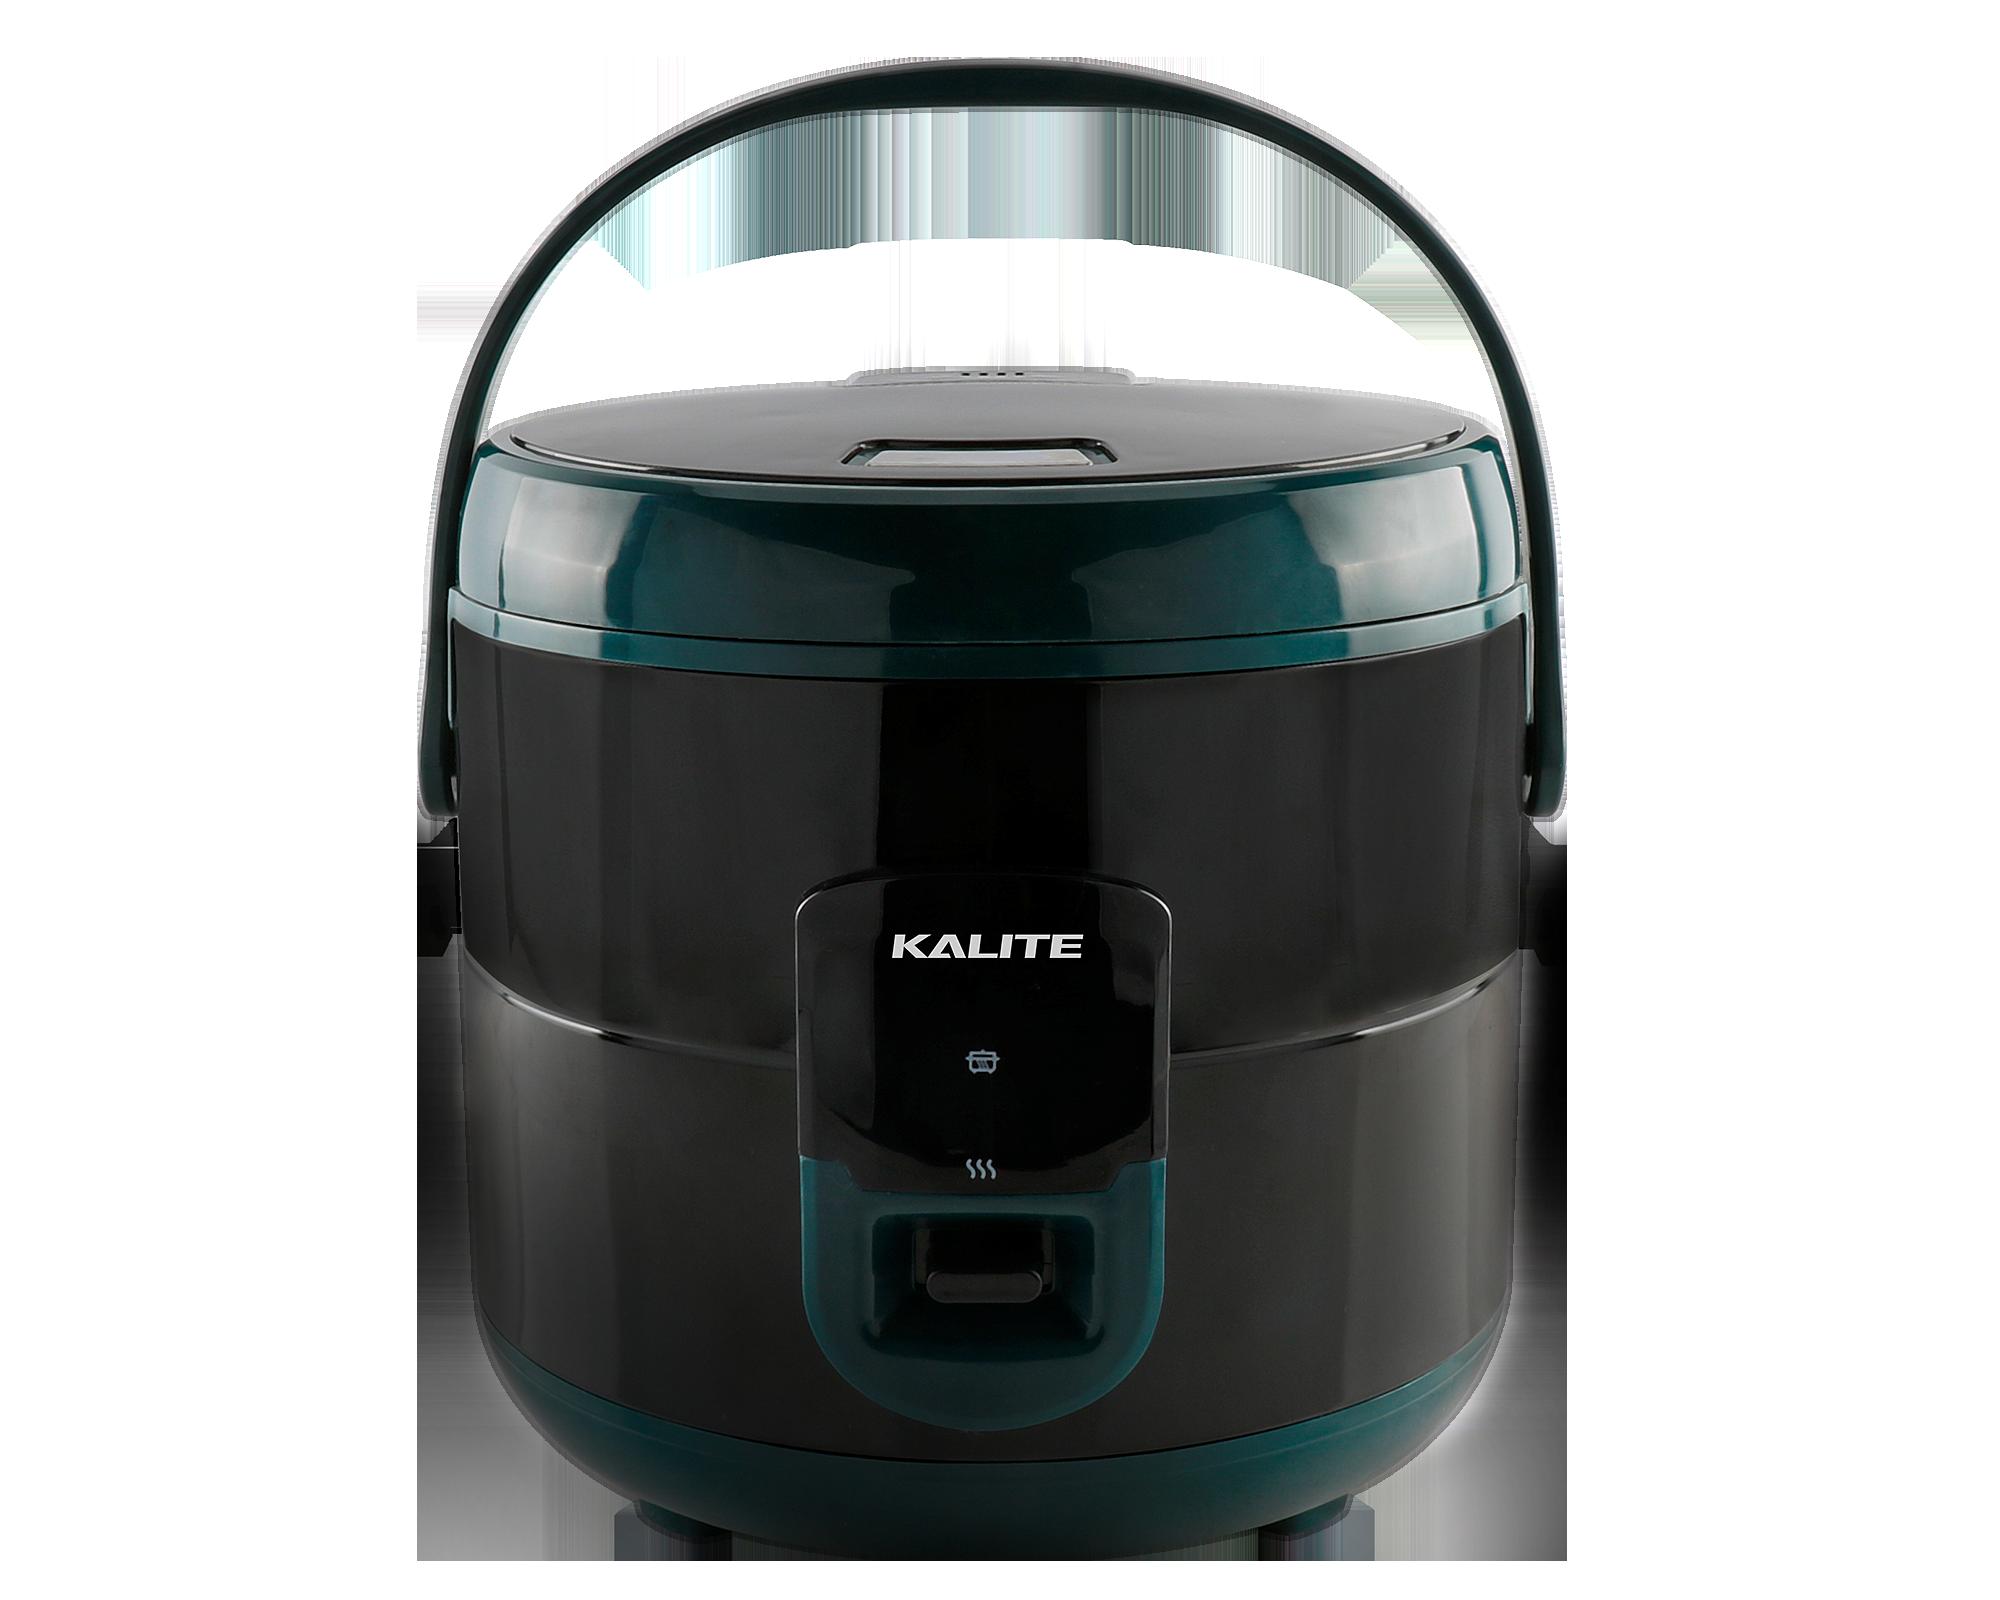 Nồi cơm điện Kalite KL 619dung tích 1,8 lít, công suất 700 W, nhiệt lượng lan tỏa từ dưới đáy, xung quanh thân và trên nắp nồi cùng lúc giúp hạt cơm chín đều từ từ. Lòng nồi bằng hợp kim nhôm, phủ lớp chống dính Teflon, được thiết kế dạng niêu đất, tạo dòng sôi tuần hoàn giúp cơm ngon. Thân nồi bằng inox và nhựa ABS cách nhiệt, chịu lực và nhiệt tốt. Vung nồi 2 lớp giúp giữ nhiệt lâu hơn, nắp nồi có thể mở với 1 nút bấm. Nồi thích hợp để nấu cơm và giữ ấm, nấu súp, hầm, hấp thịt và rau. Phụ kiện đi kèm: một thìa xới cơm, một khay hấp, một cốc đong gạo. Nồi bảo hành 12 tháng, đang được ưu đãi 31% còn 890.000 đồng, tặng thêm ba bình thủy tinh UNIE UN-100 dung tích 450 ml.